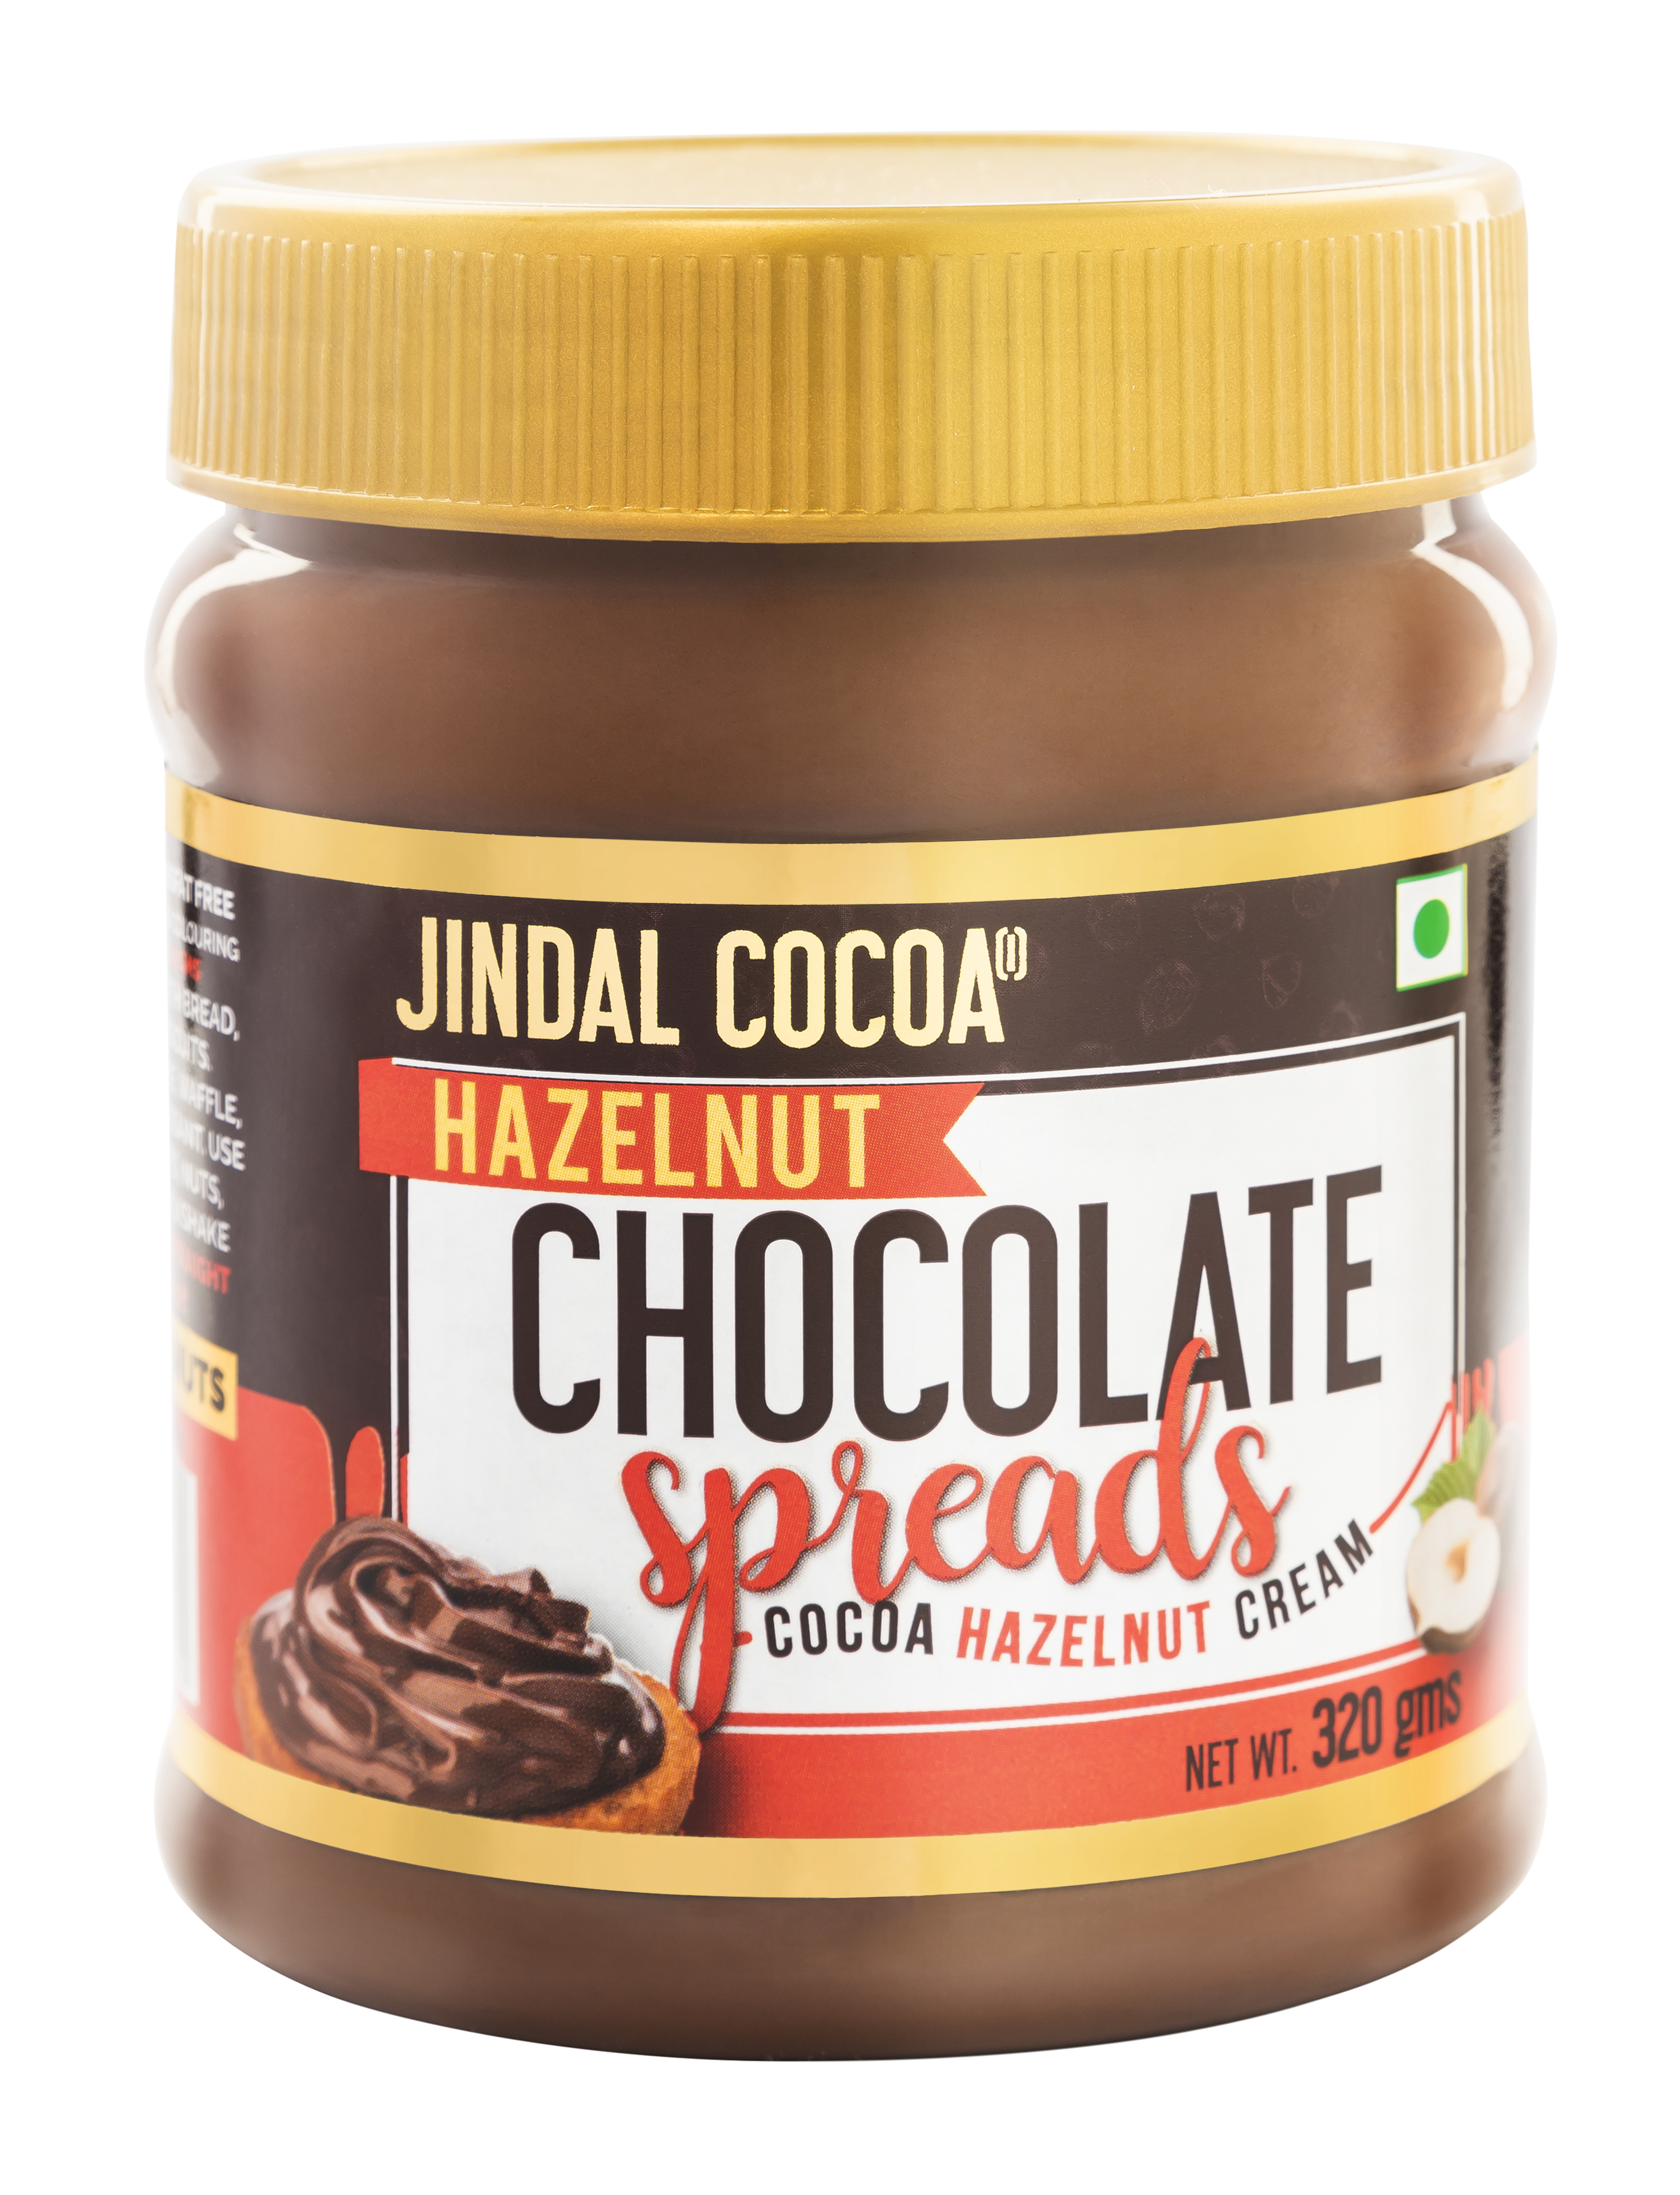 Cocoa Hazelnut Spread